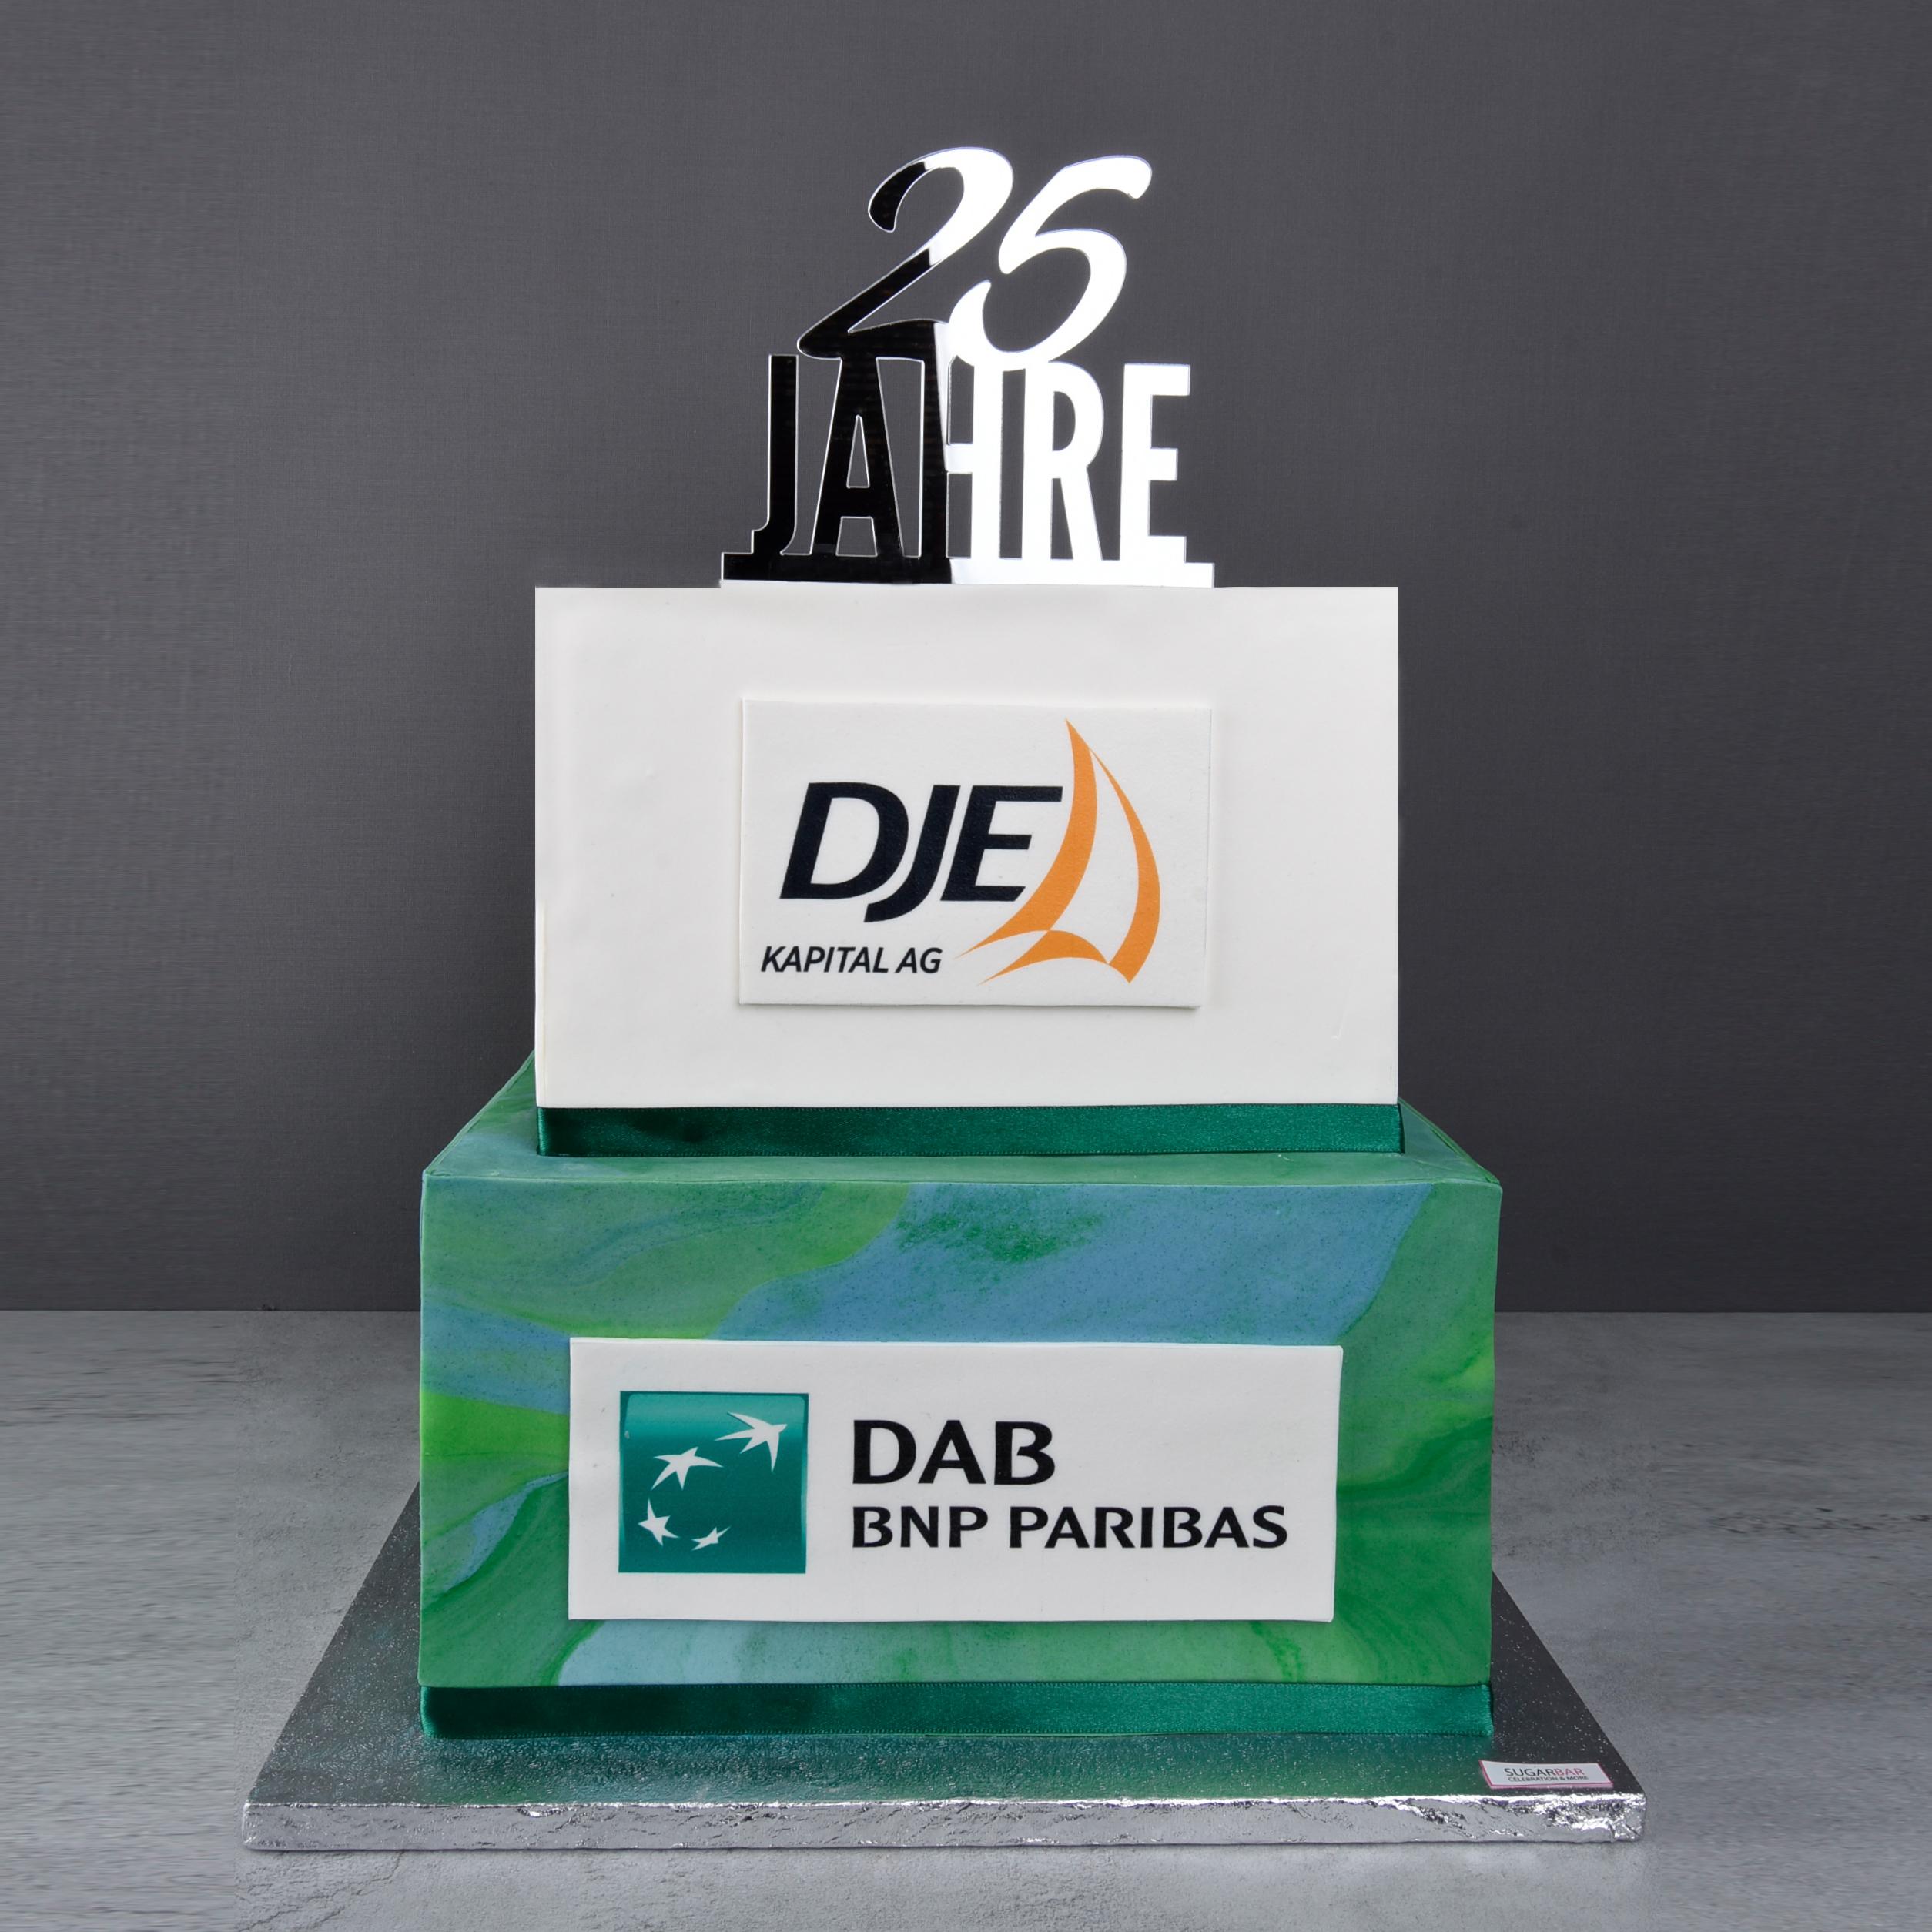 Firmentorte Düsseldorf